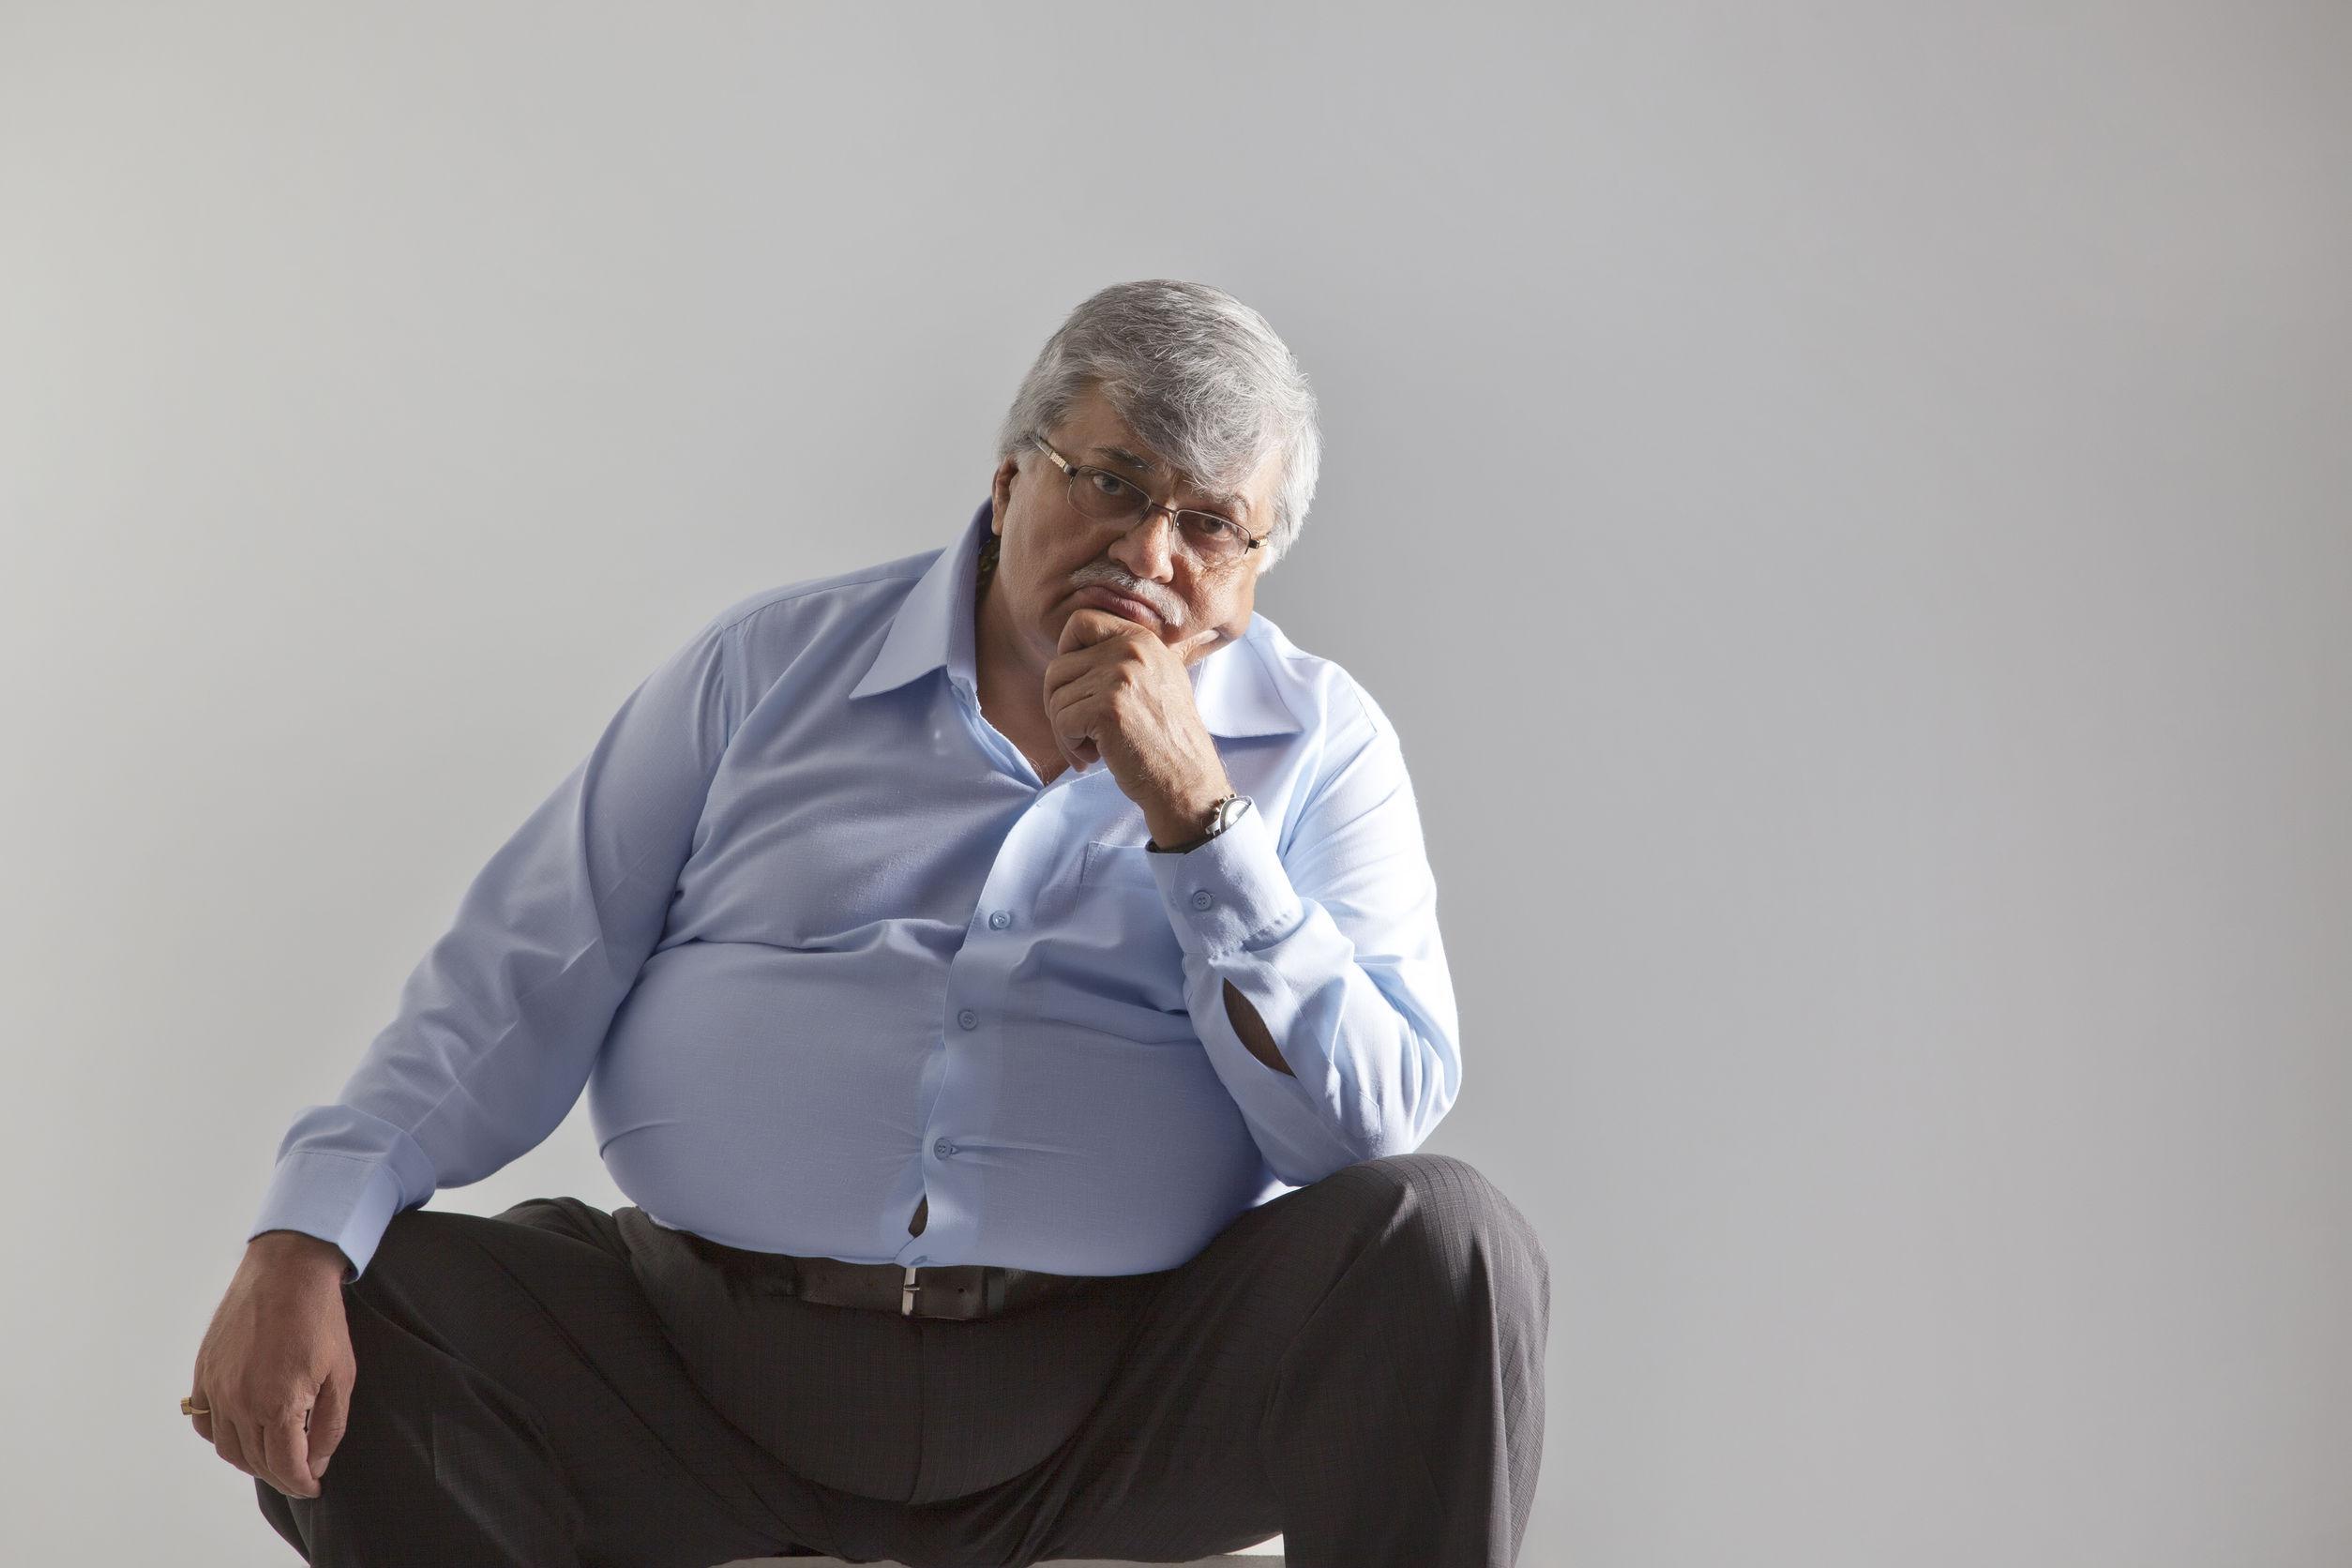 5 riscos da obesidade na terceira idade